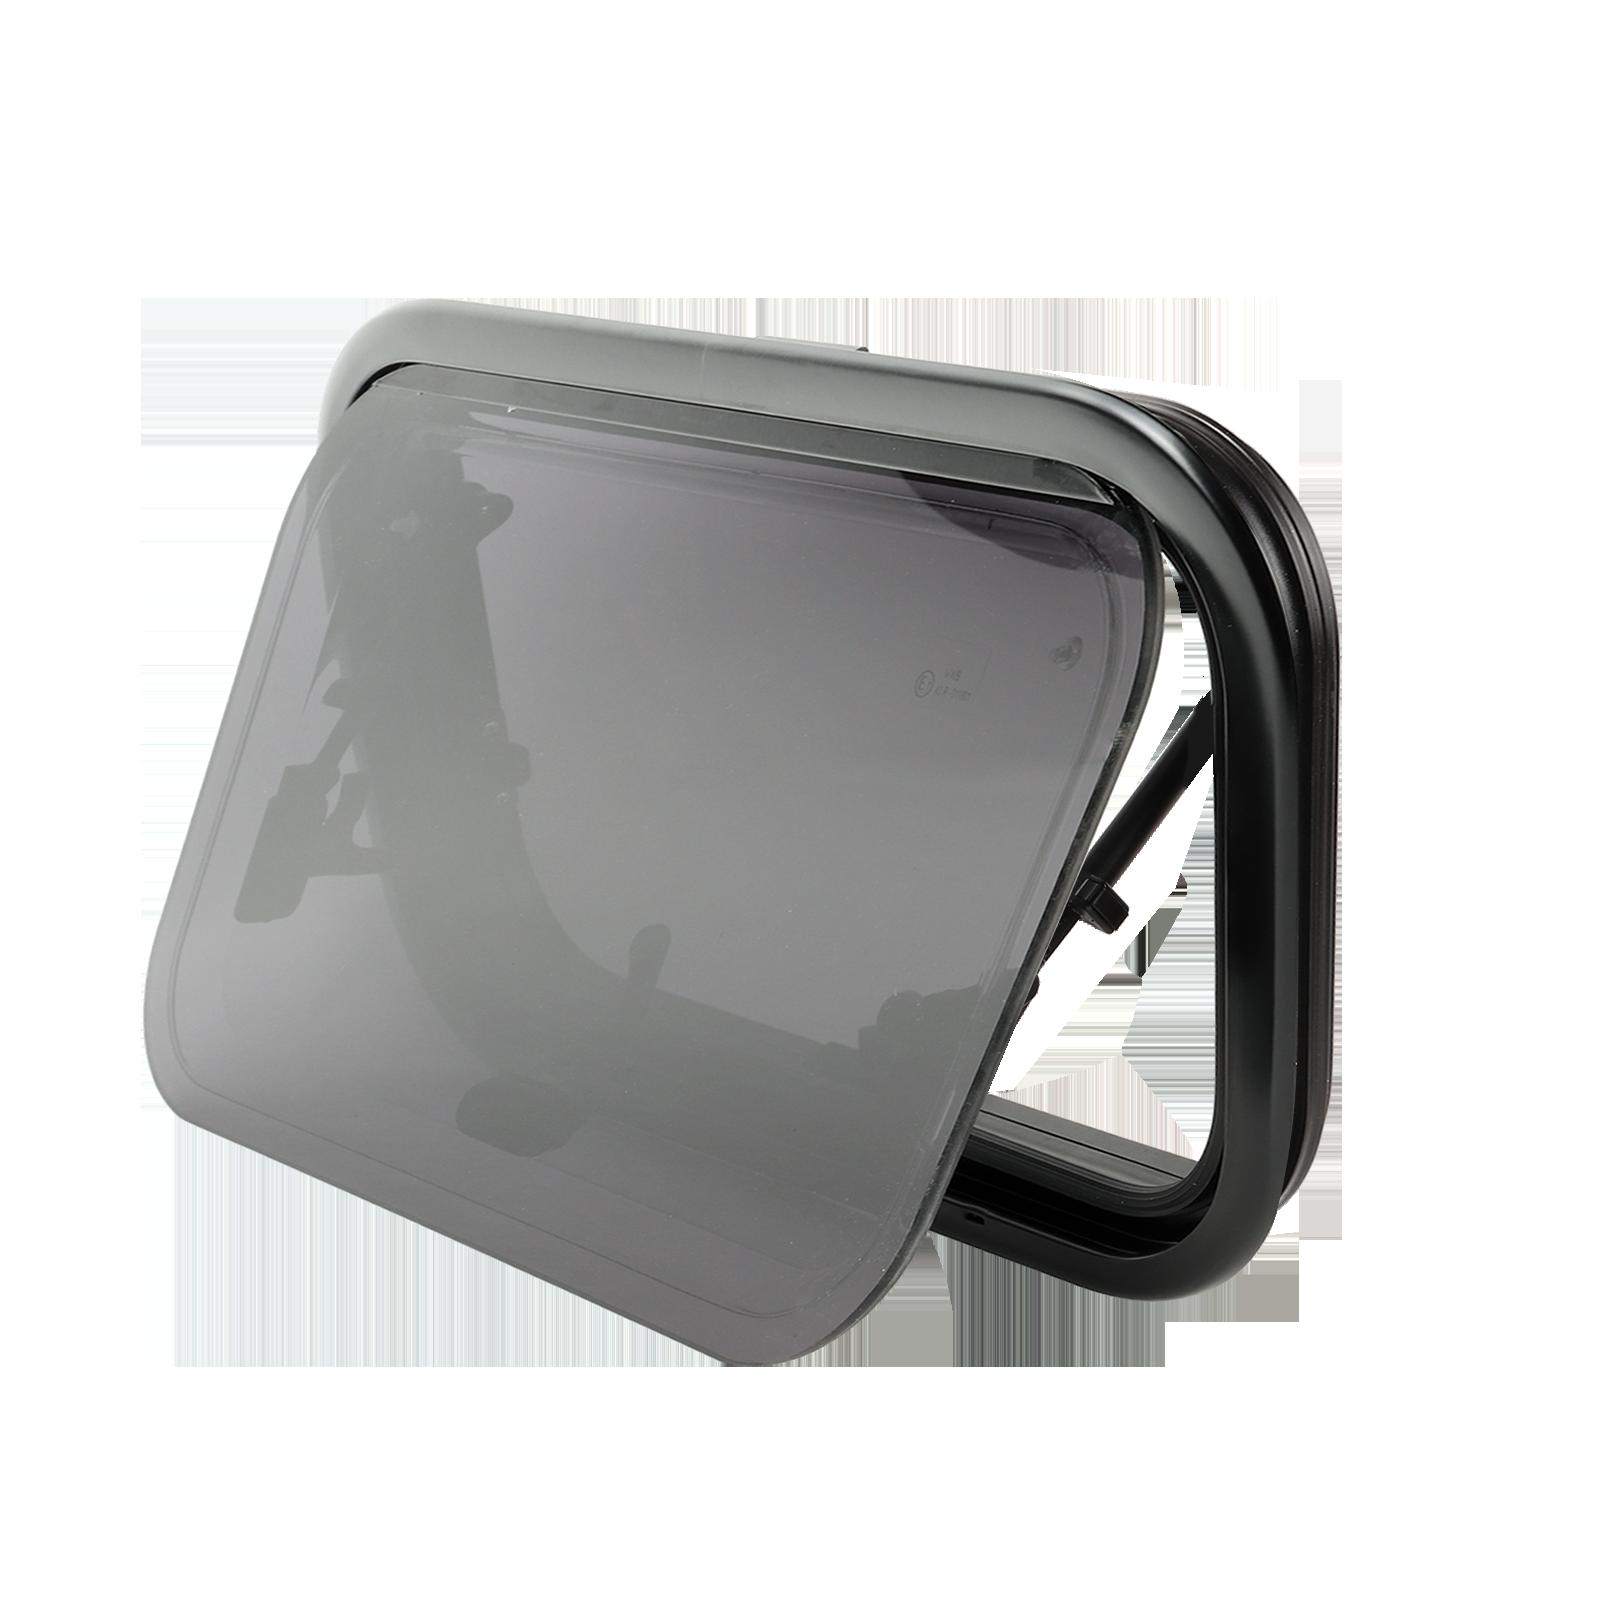 Ausstellfenster Acrylglas getönt 500 x 300 Fenster für Wohnwagen & Wohnmobil